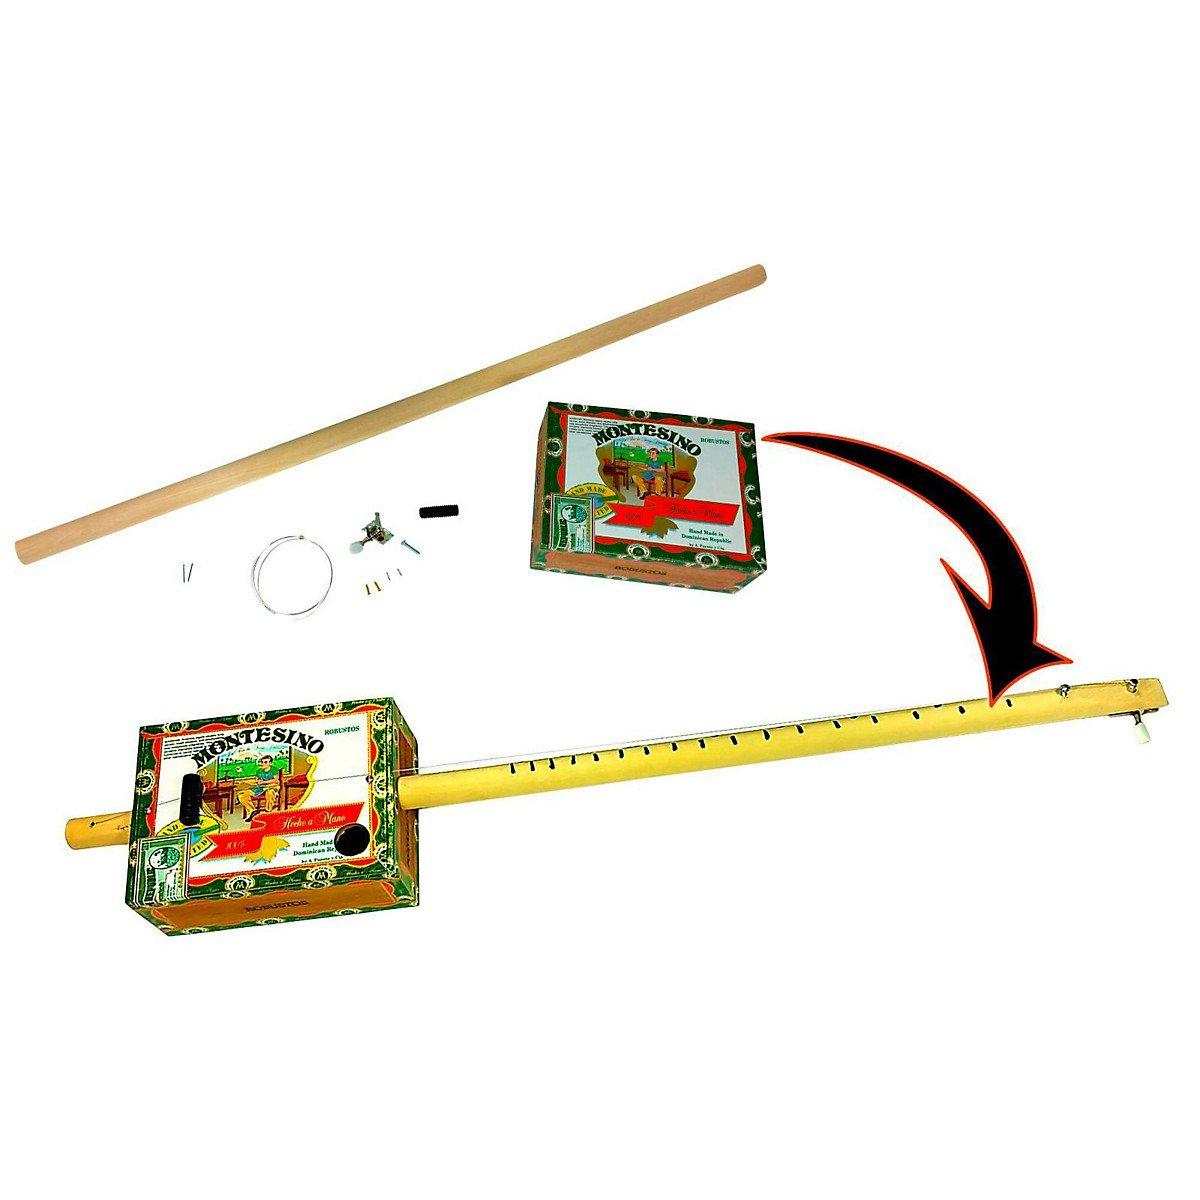 one-string Zigarre Box Gitarre diddleybow, leicht aufzubauen, alle Teile, Hardware und Anleitung im Lieferumfang enthalten C. B. Gitty Crafter Supply 36-008-01